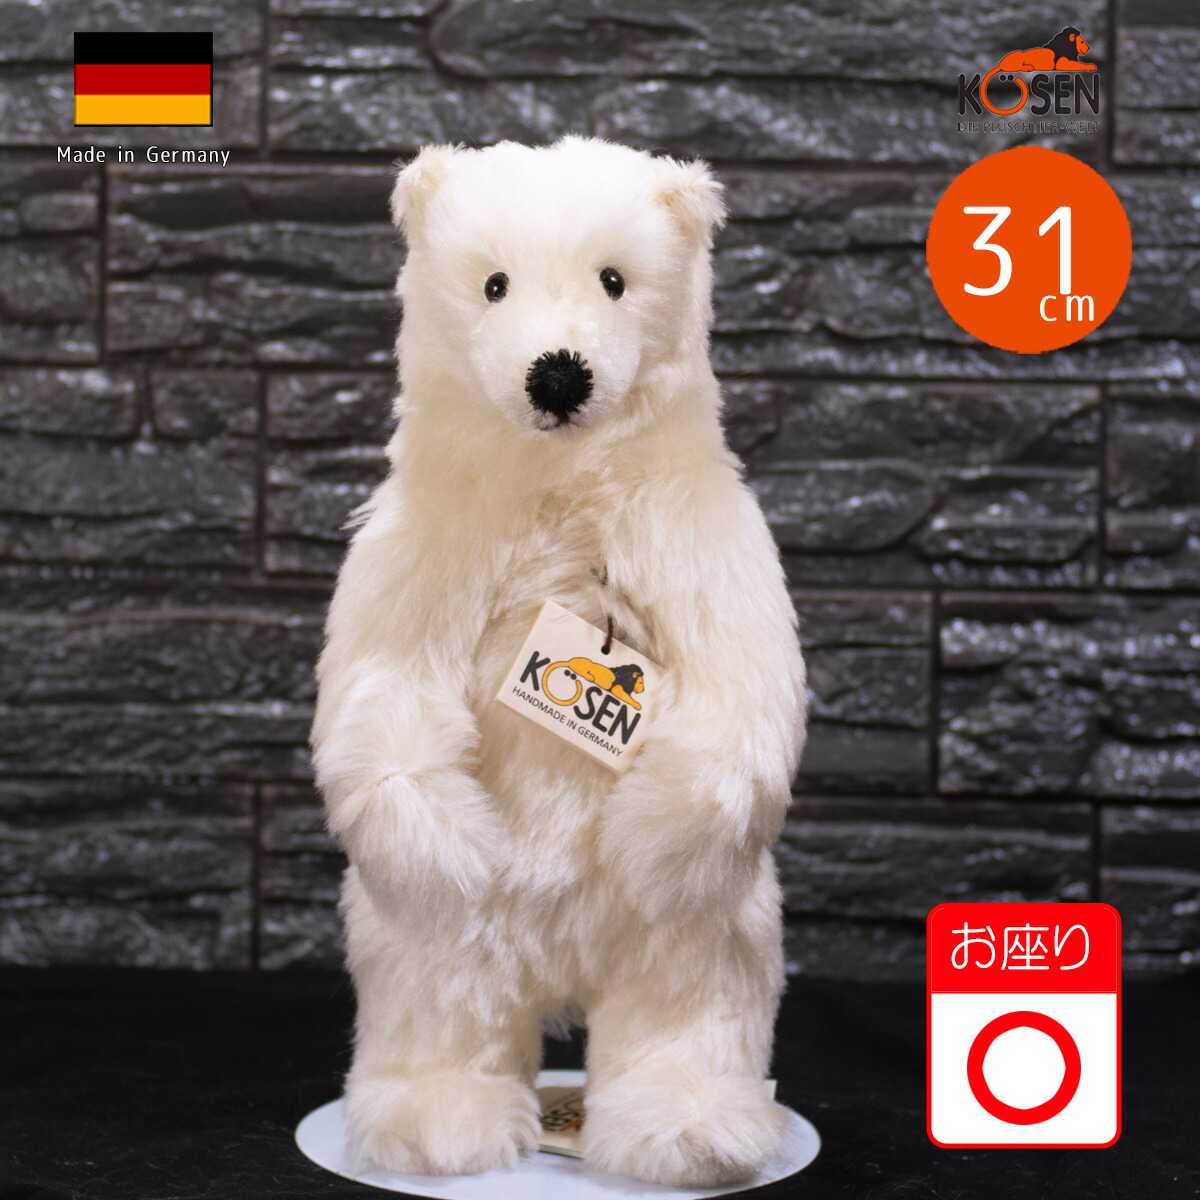 """ケーセン ぬいぐるみ kosen モヘア白熊 シロクマ (座り) 31cm """"Hudson"""" Mohair Polar Bear クマ くま テディベア リアル 動物"""